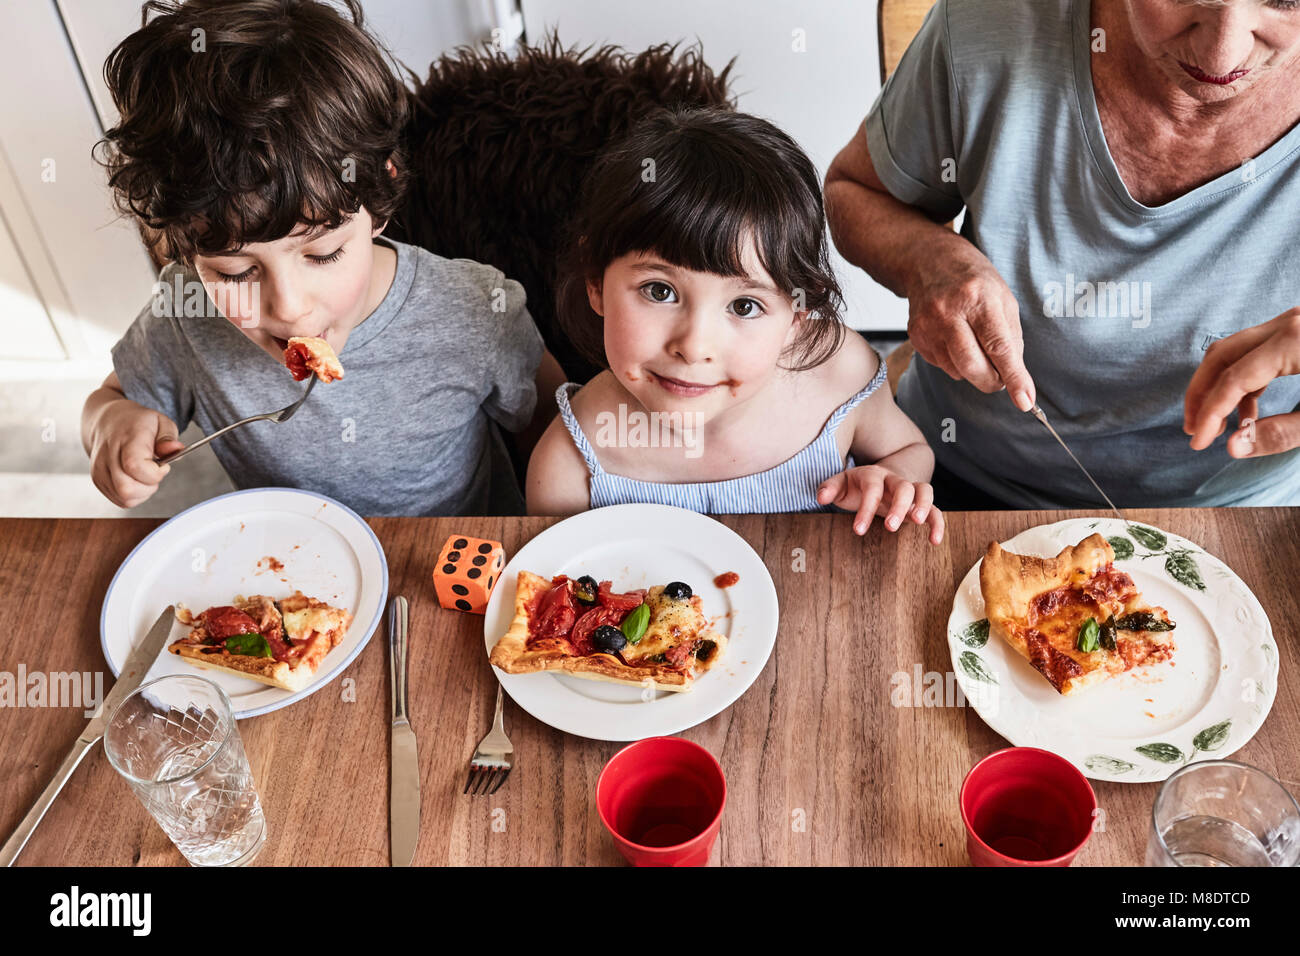 La nonna seduta al tavolo della cucina con i nipoti, mangiare la pizza, vista in elevazione Immagini Stock